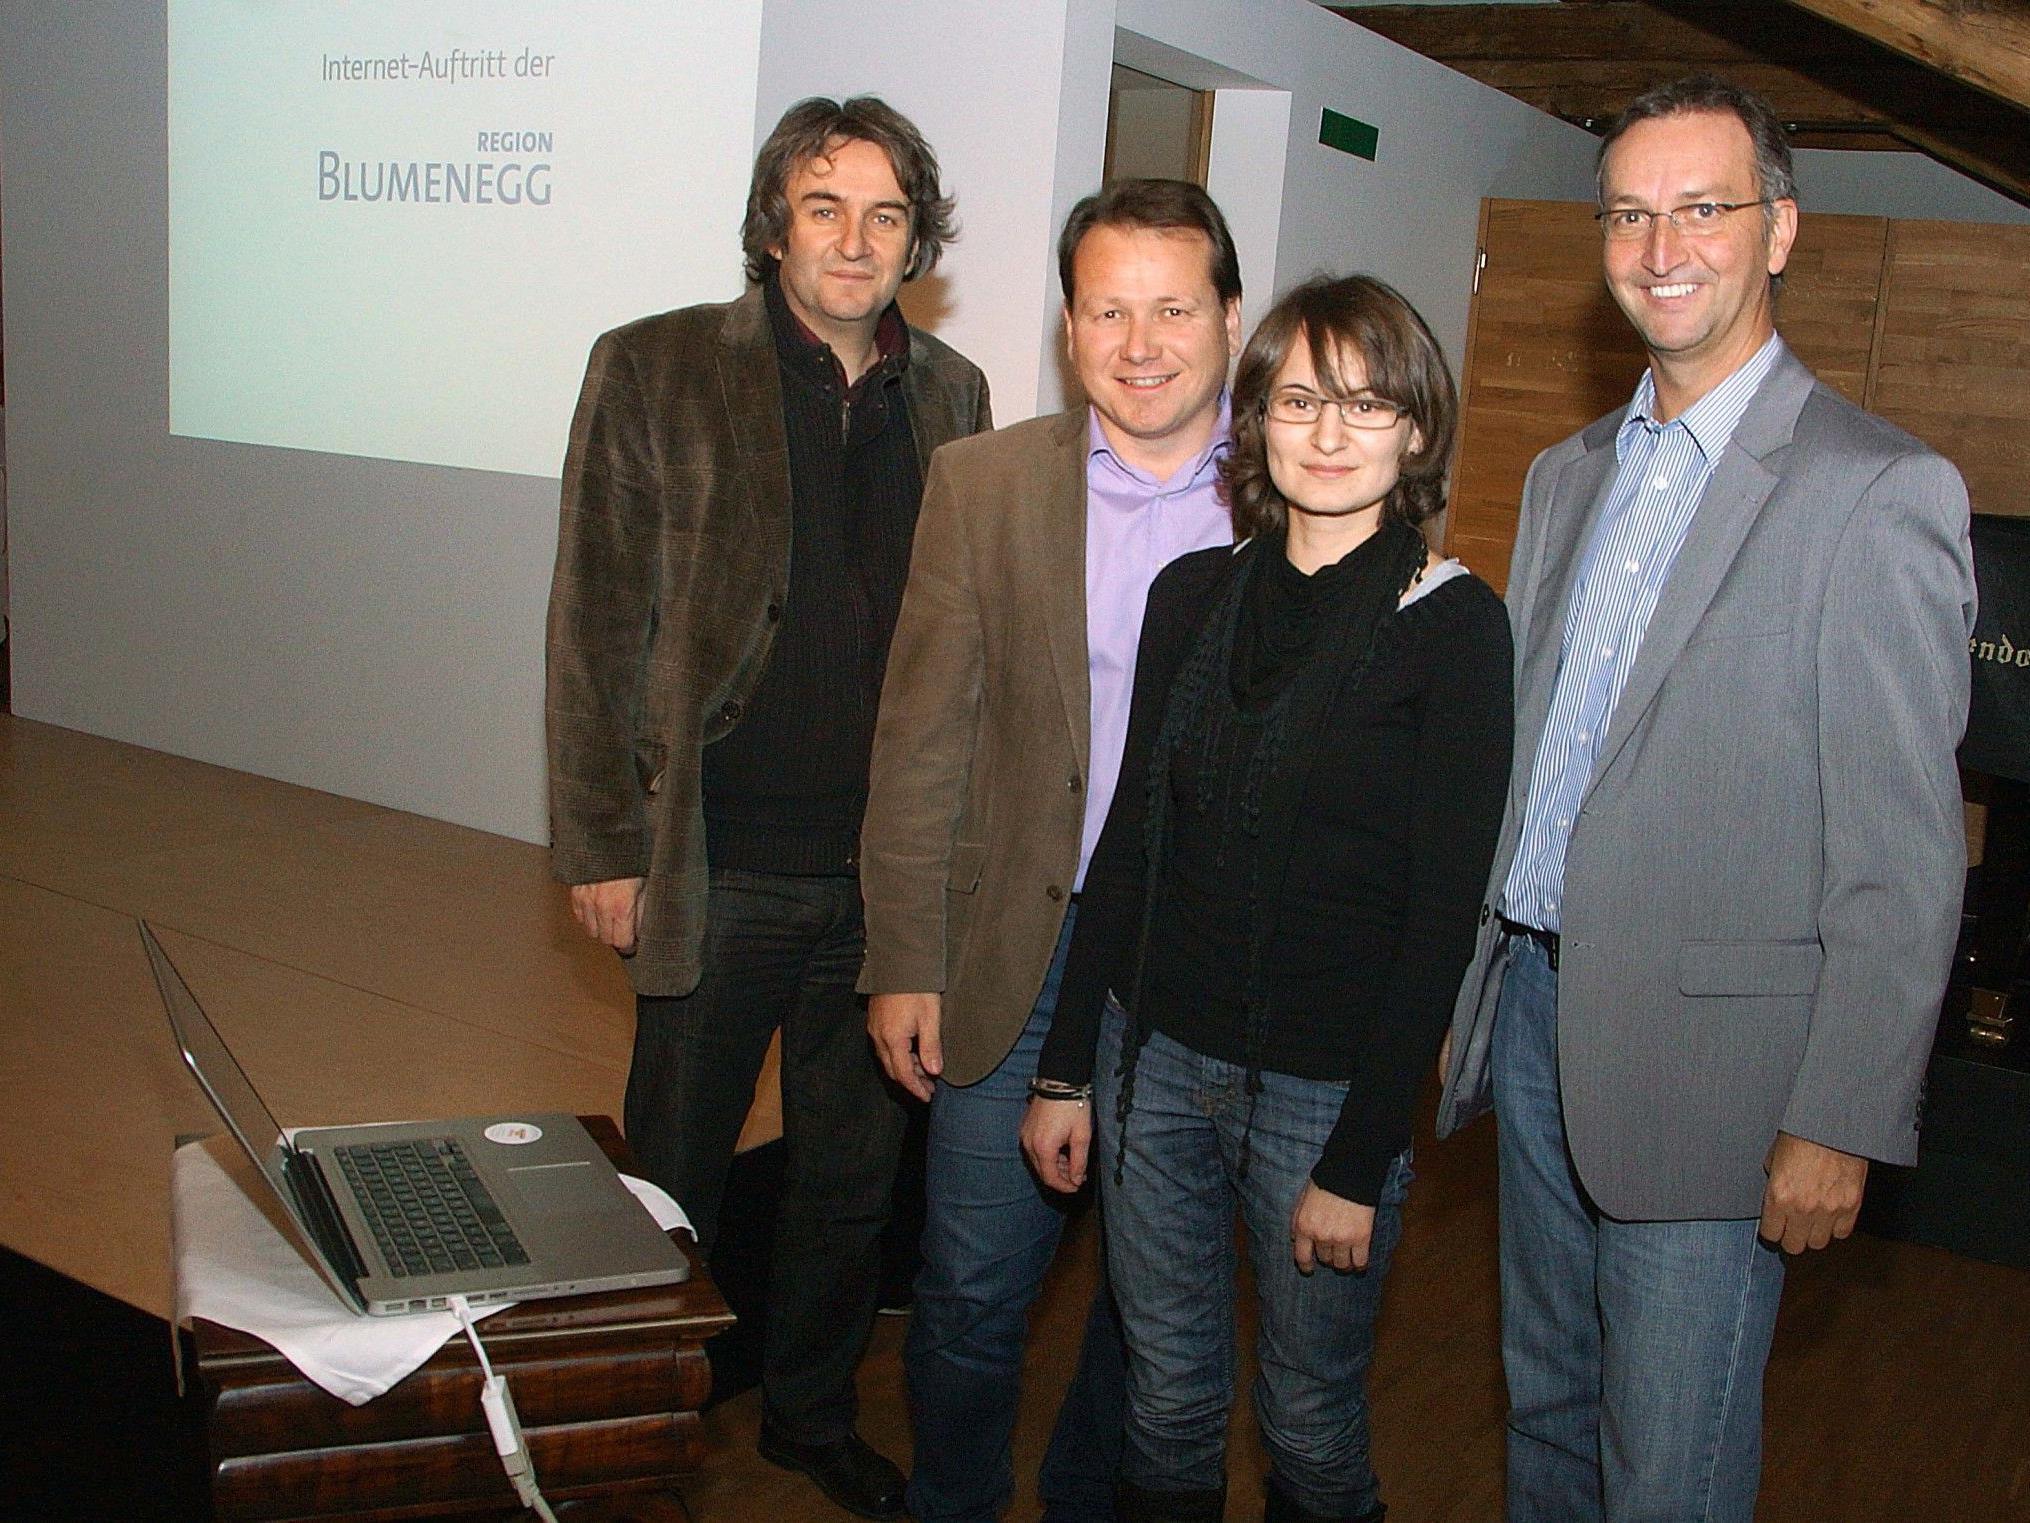 Karin Feuerstein präsentierte  Blumeneggs Homepages und Veranstaltungskalender.